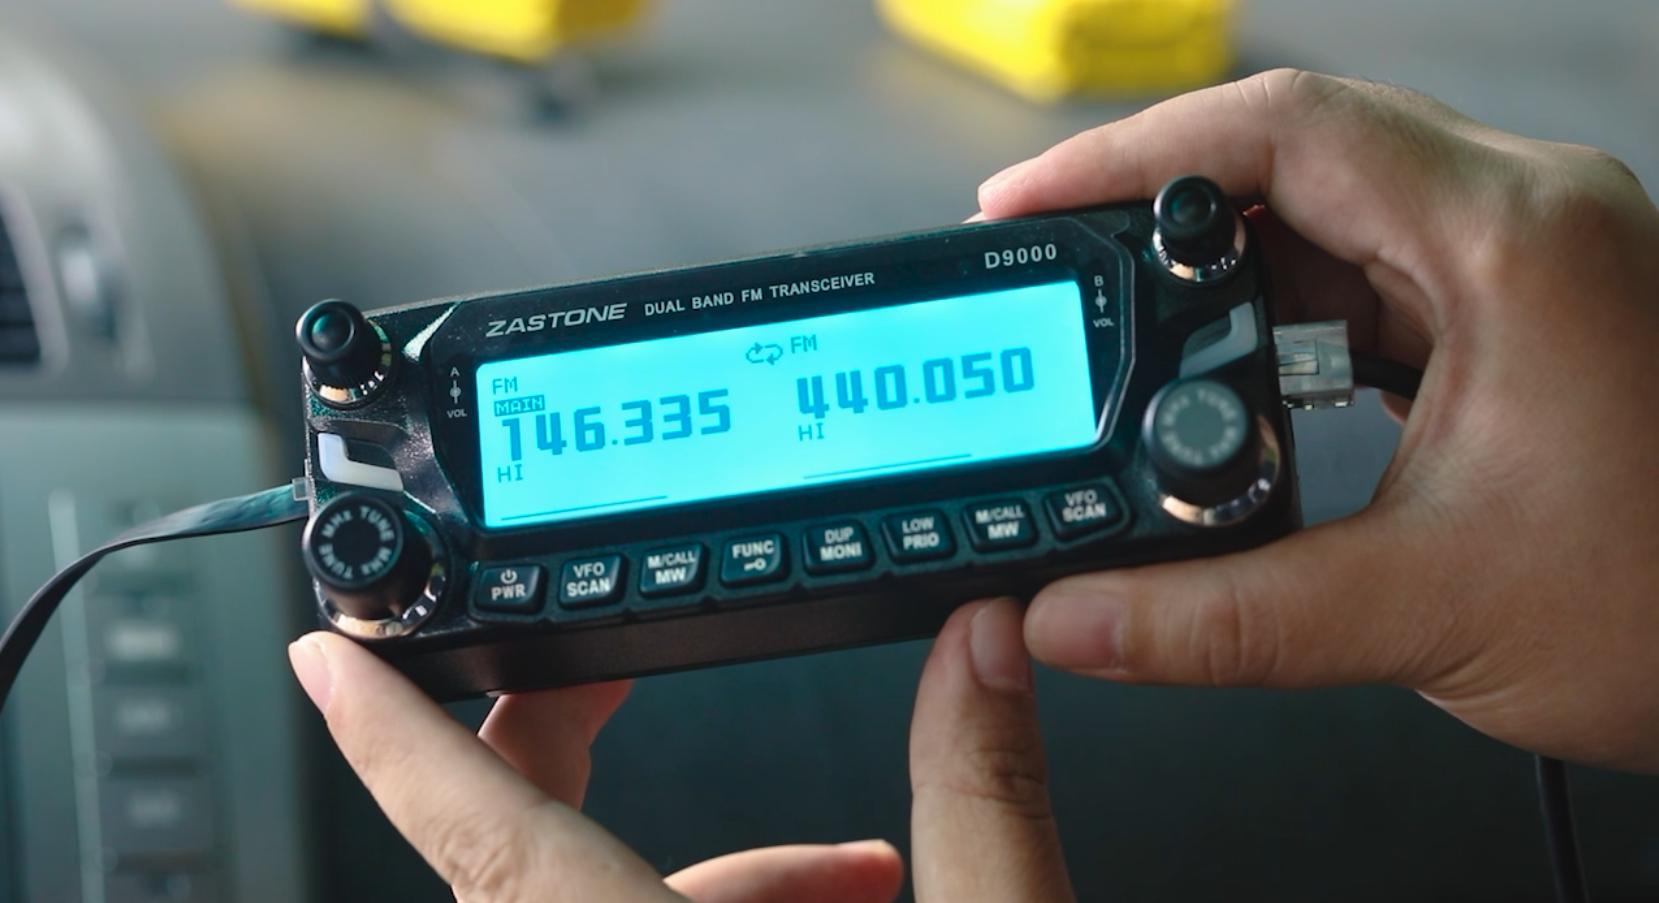 比亚迪安装ZASTONE D9000车载电